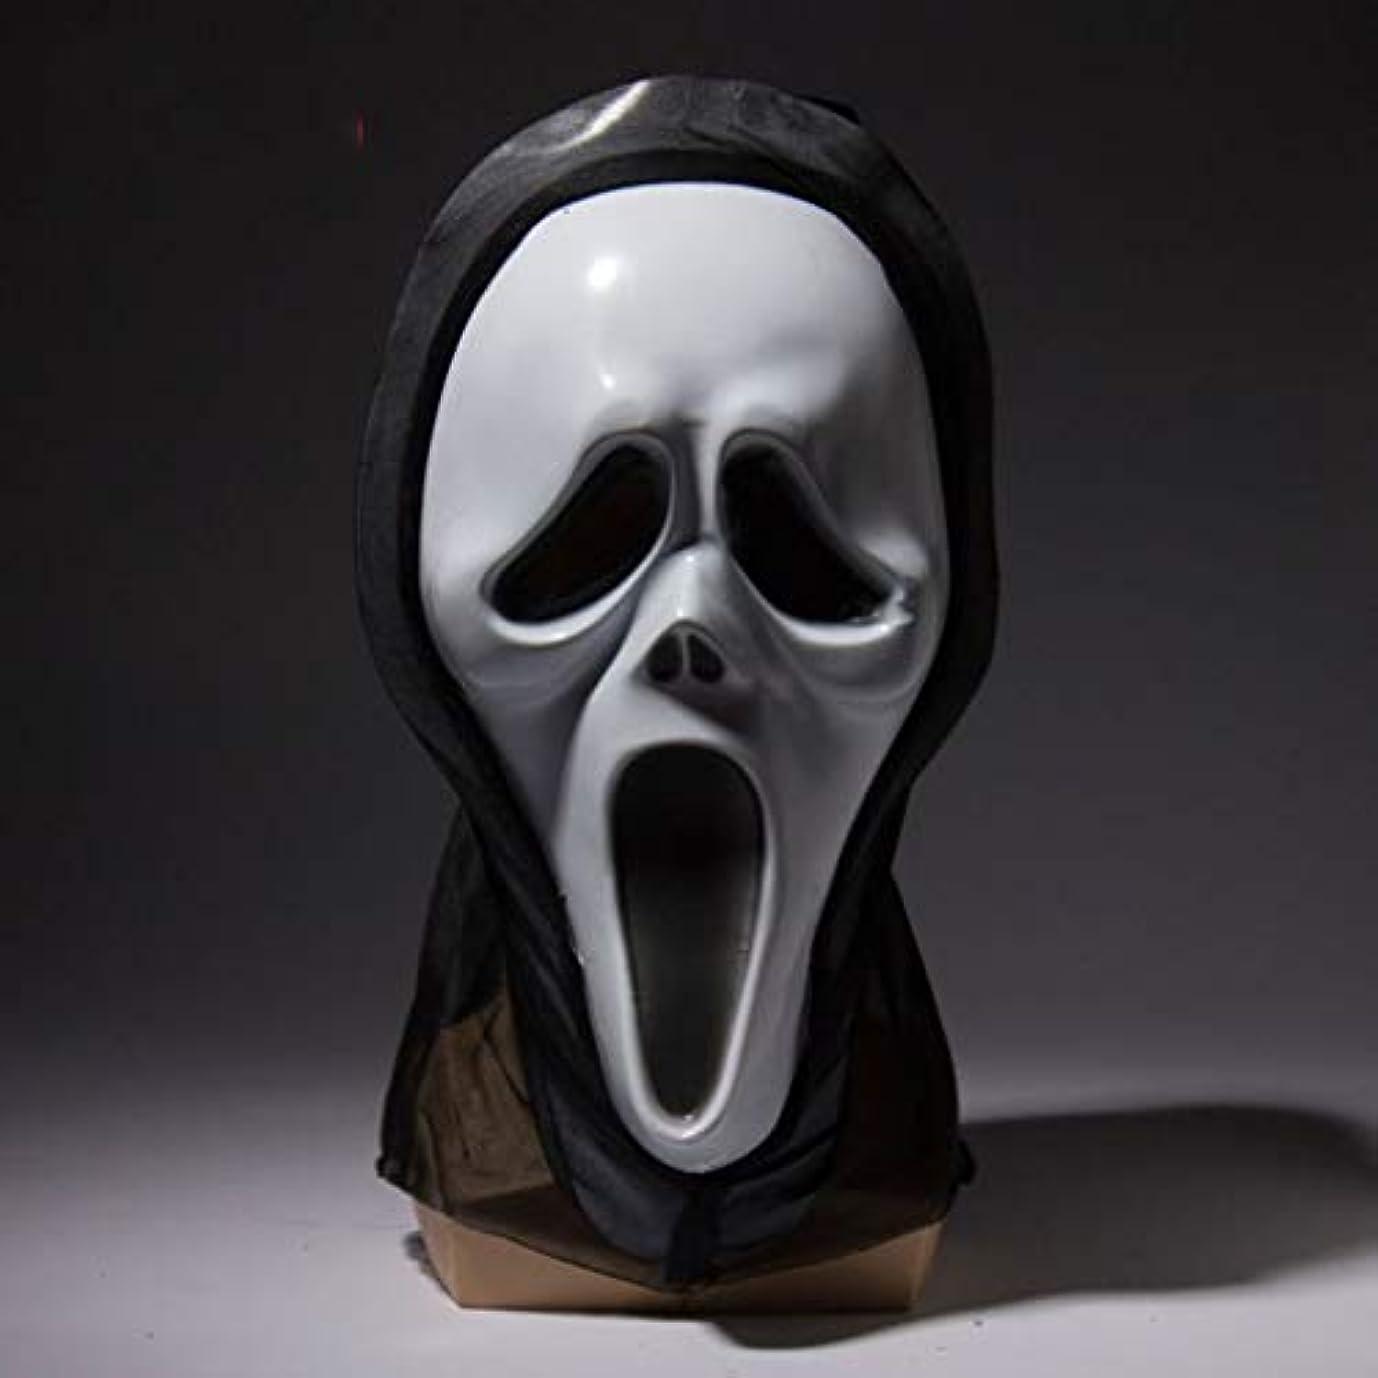 同僚リラックスしたベンチャーハロウィーン悲鳴悪魔ホラーマスクしかめっ面怖いゾンビヘッドギア大人ゴーストフェスティバルボールマスク